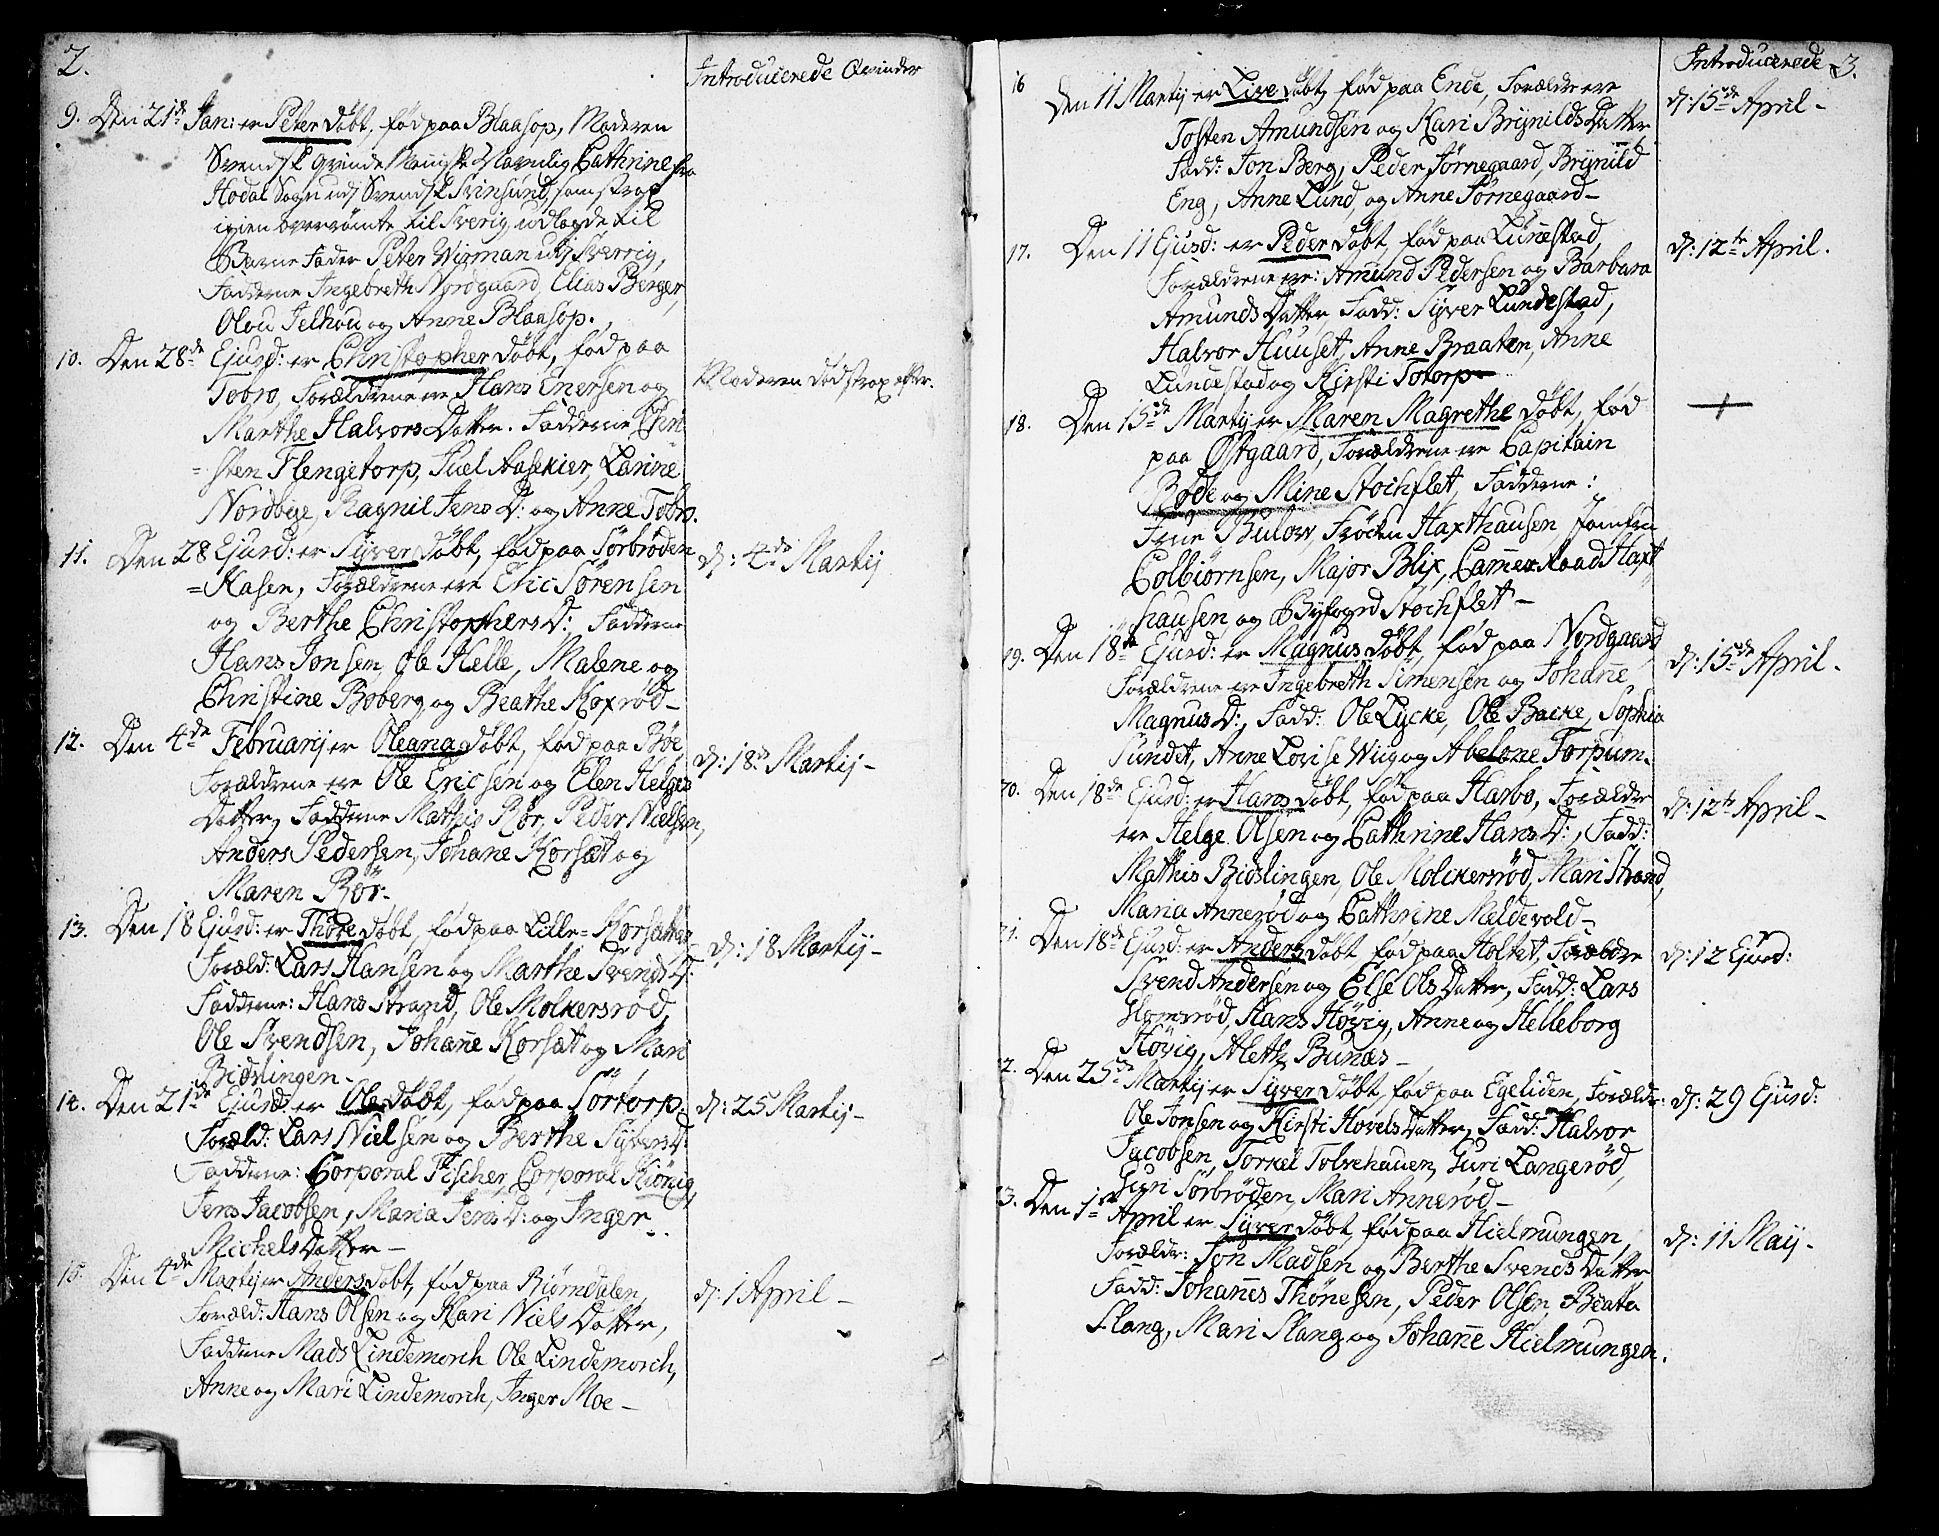 SAO, Berg prestekontor Kirkebøker, F/Fa/L0001: Ministerialbok nr. I 1, 1770-1814, s. 2-3